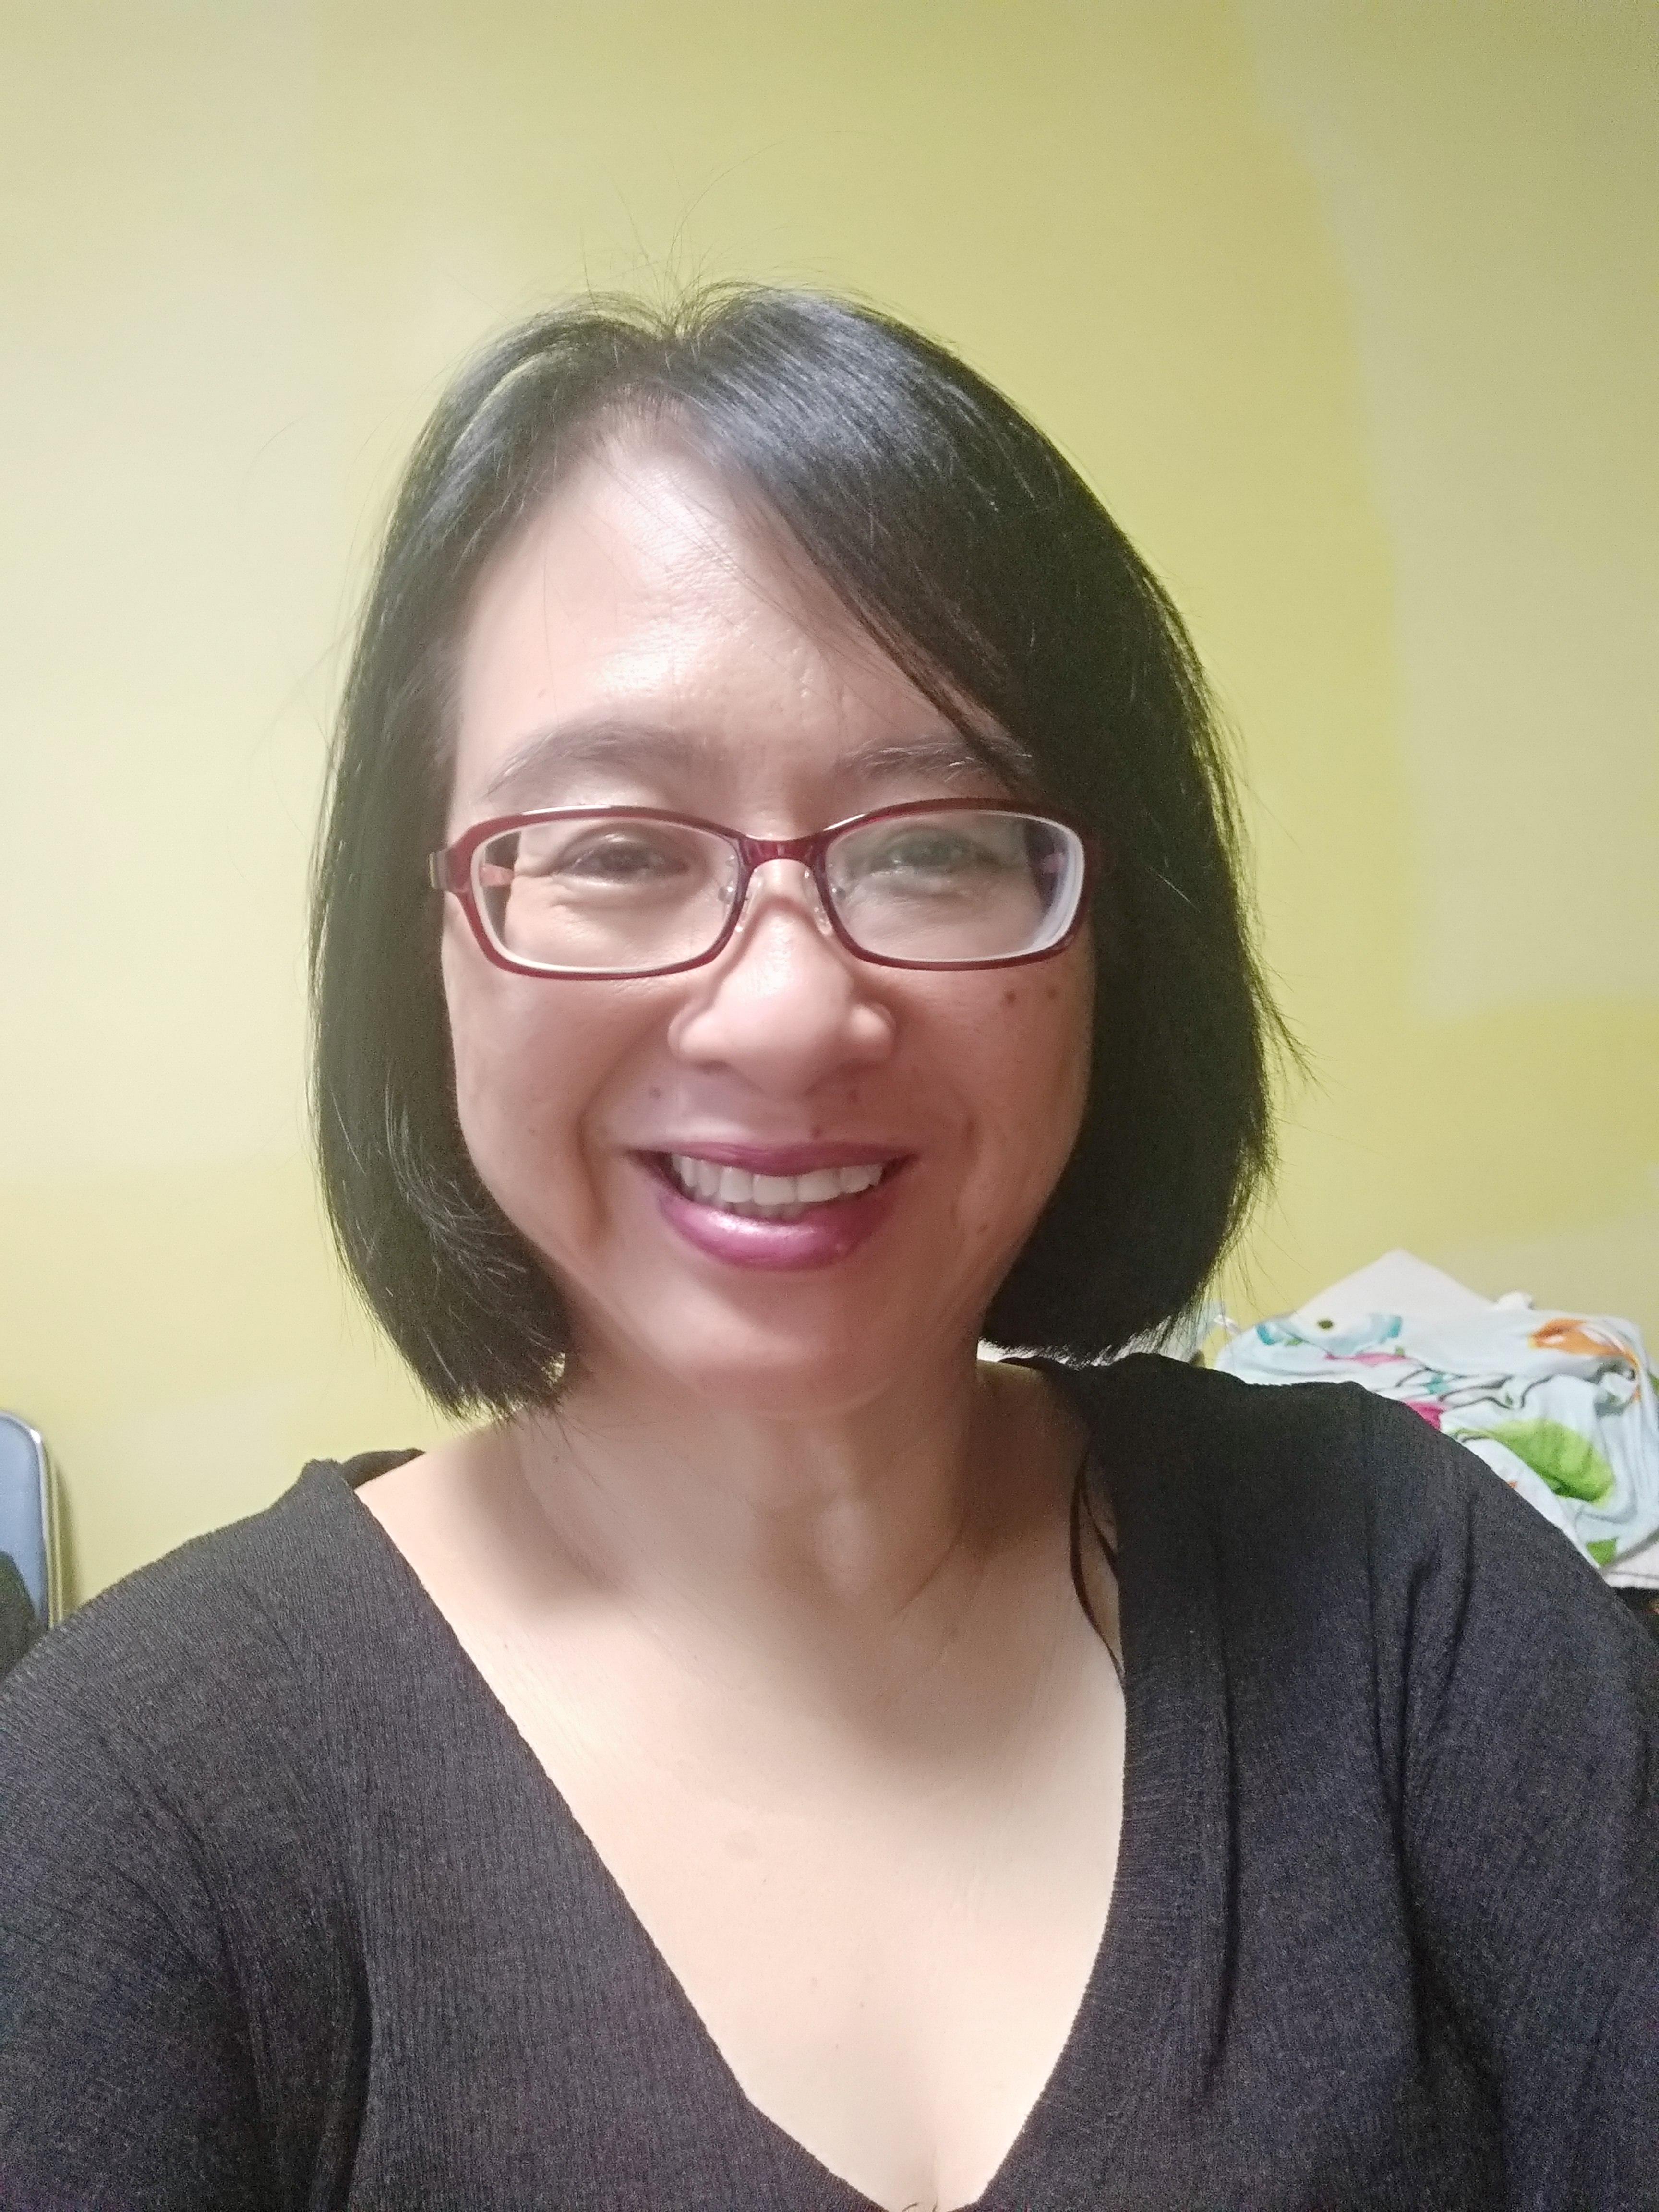 Julie Choo